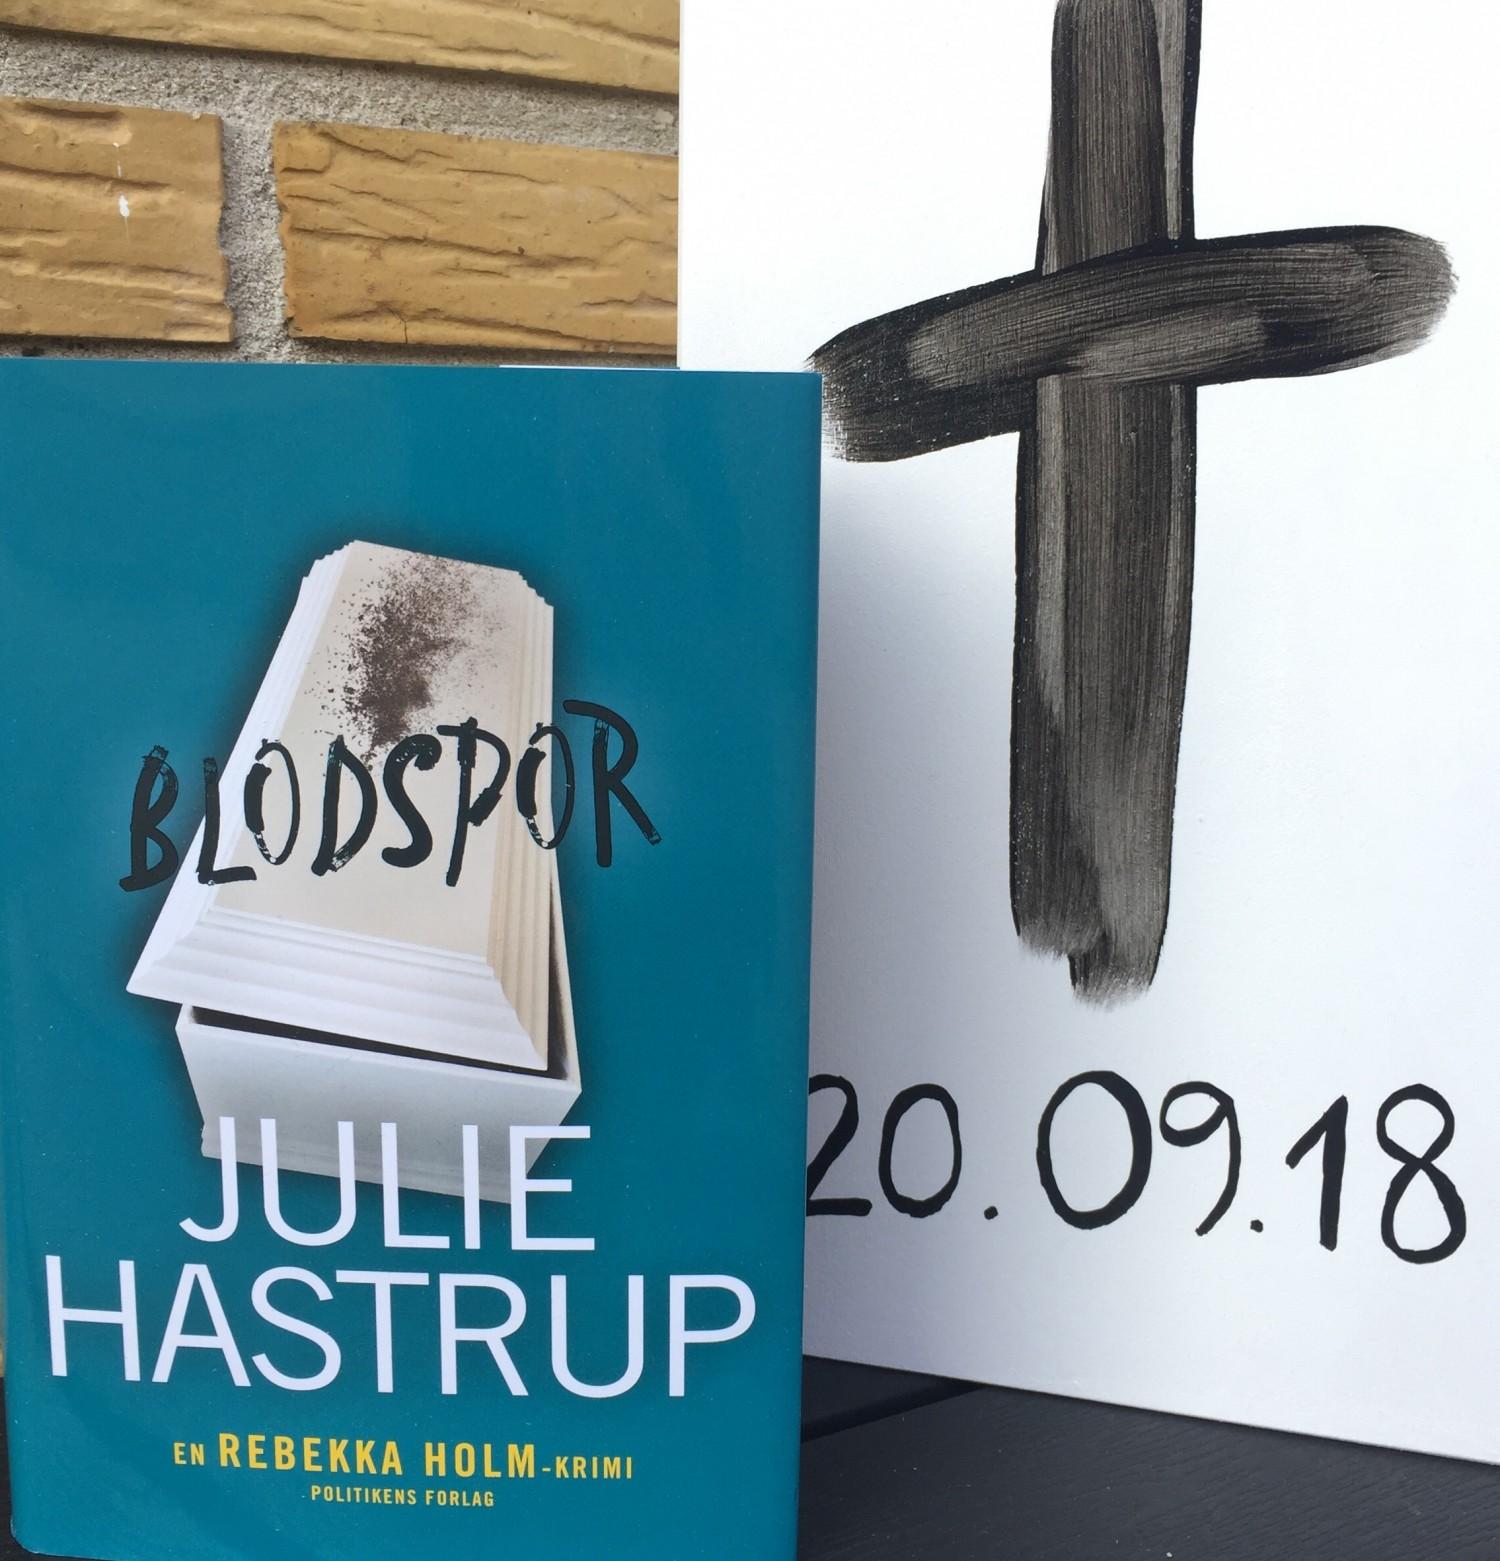 Julie Hastrup, Blodspor Julie Hastrup, Rebekka Holm, Politikens Forlag, Anmeldelse, Boganmeldelse, Anmeldereksemplar,